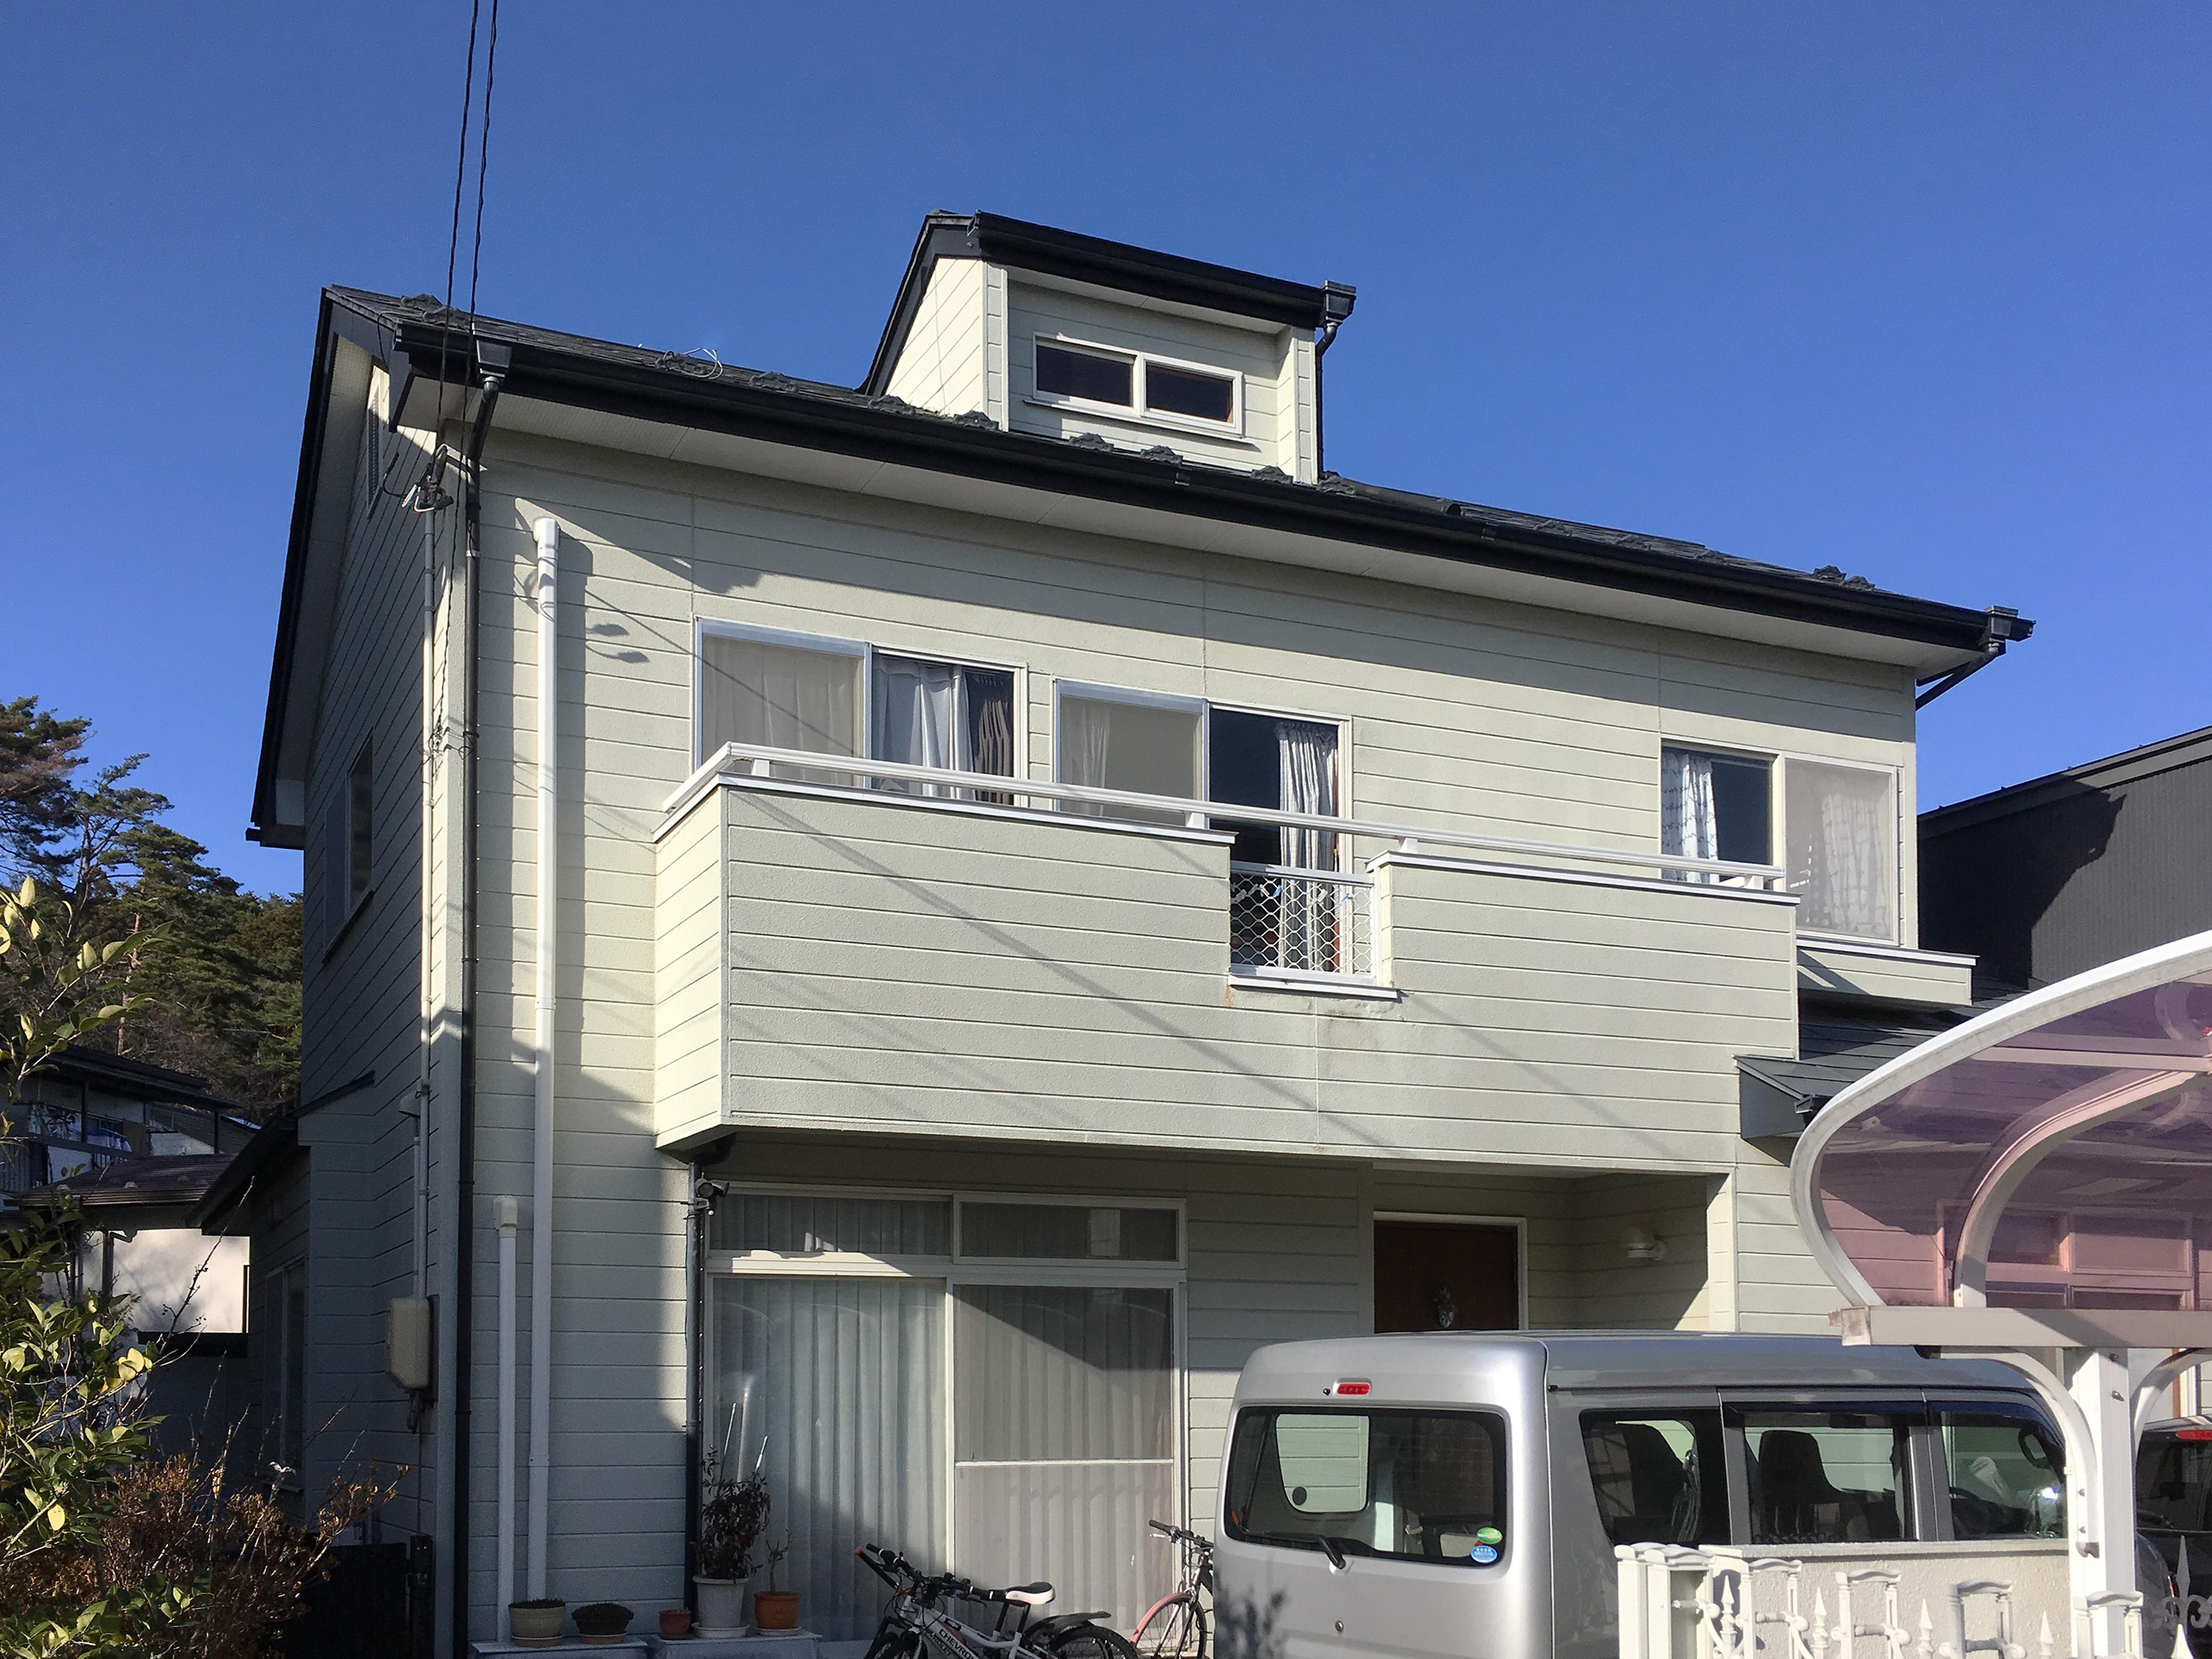 太白区Y邸 外壁塗装・外装リフォーム 182万円/工期30日間 施工前